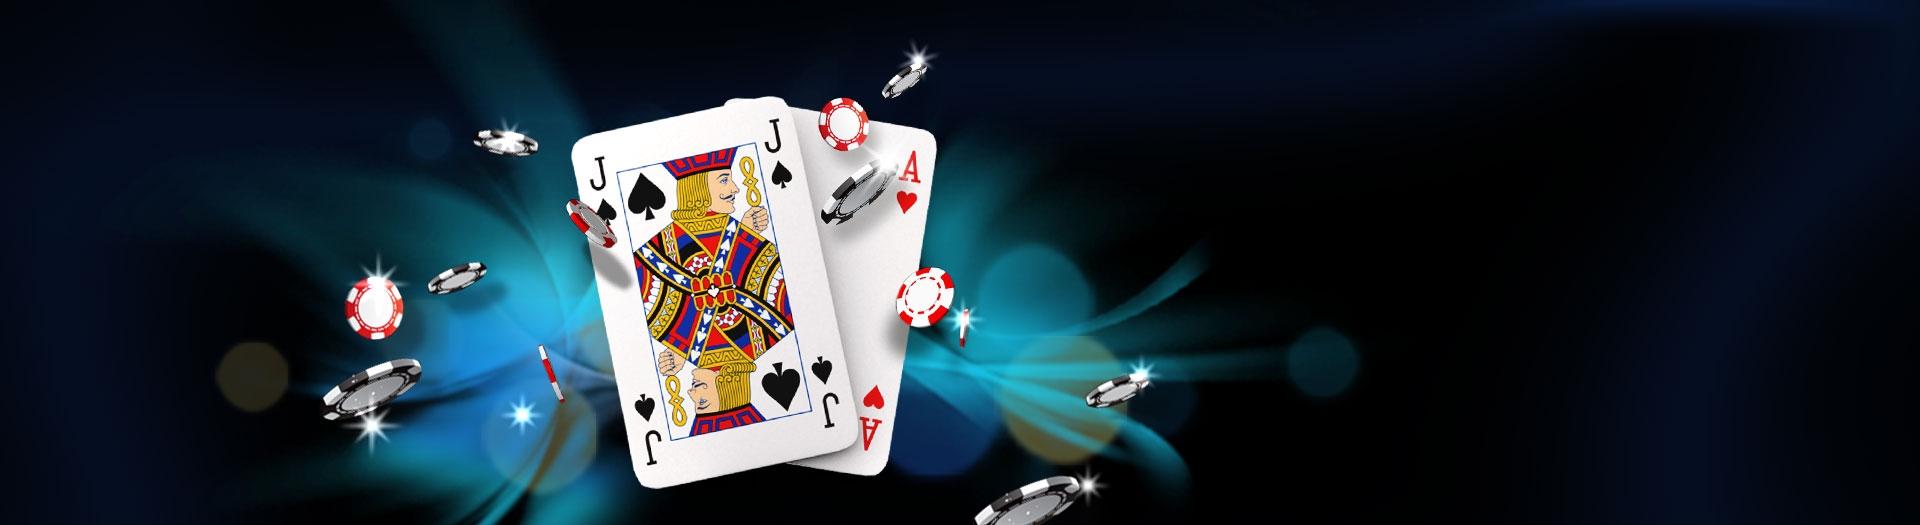 Betway的EUR 255免费赌场锦标赛